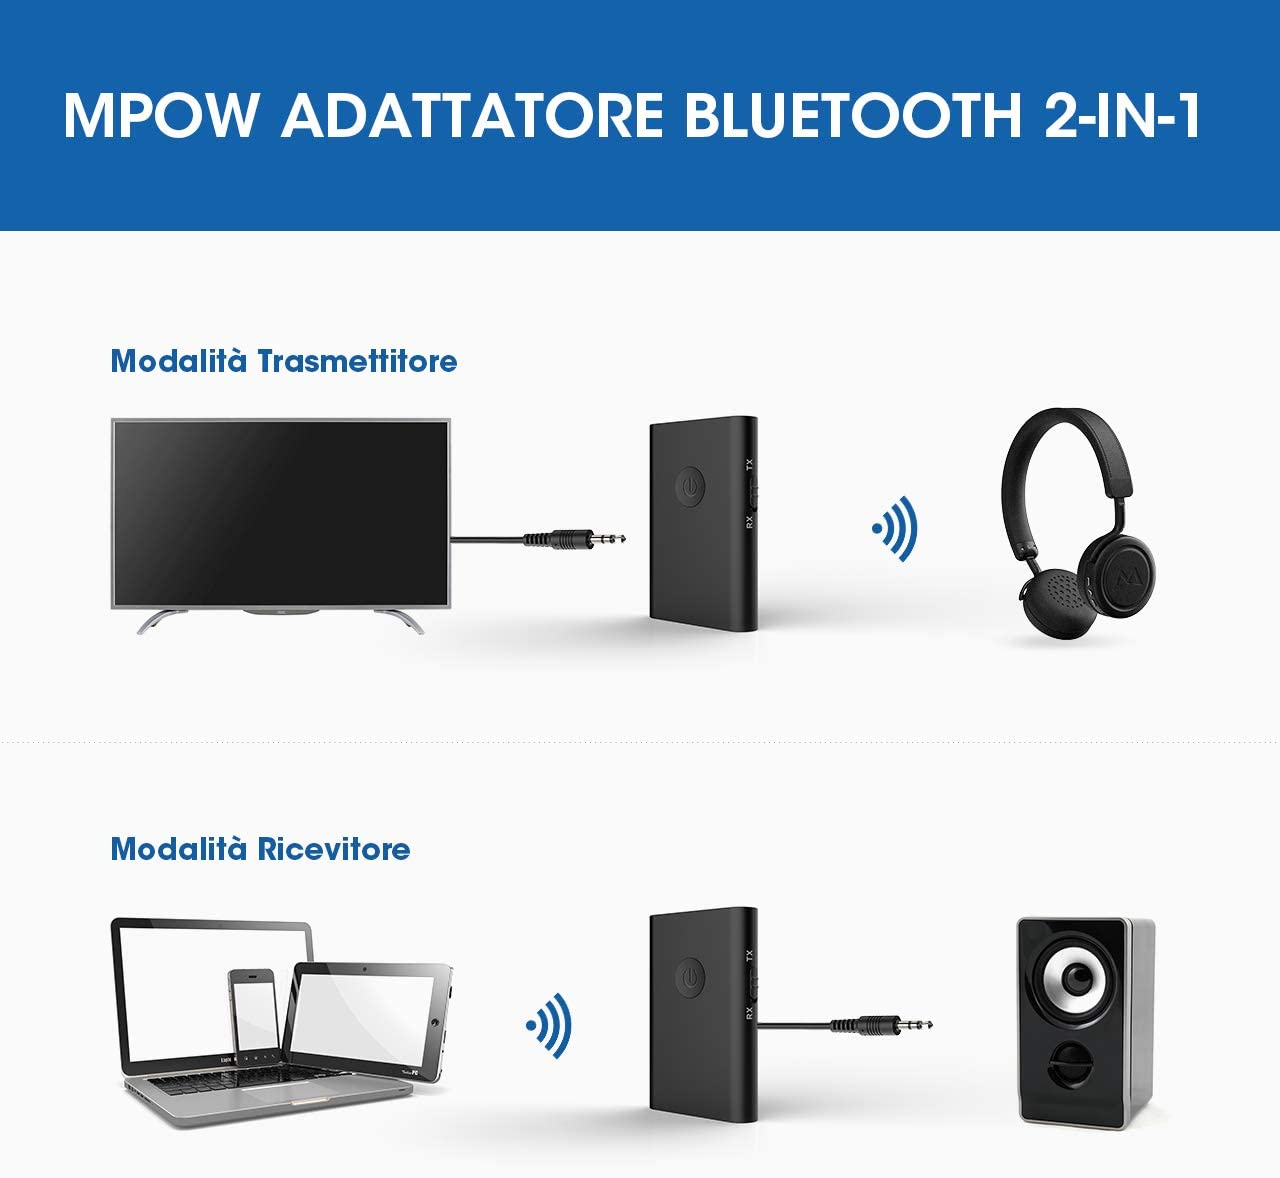 Sistema Stereo AVRCP aptX Auto Connessione Multipunto TM Altoparlanti TV Trasmissione Audio per Cuffie Mpow Trasmettitore e Ricevitore Bluetooth 2-in-1 Wireless 3.5mm Aux Bluetooth A2DP PC